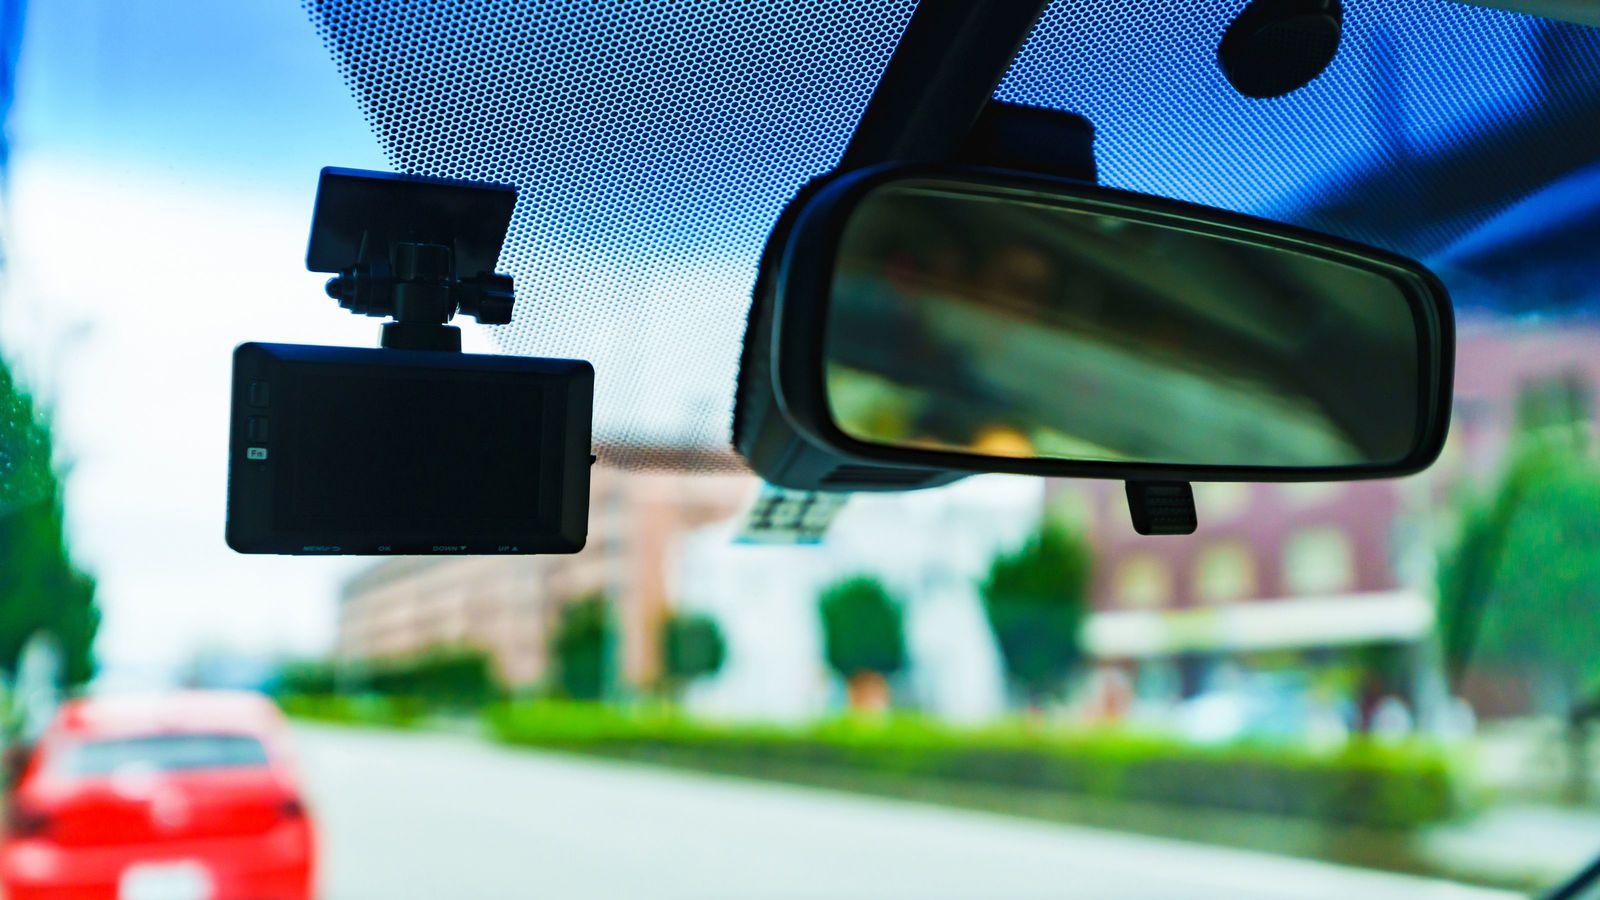 ドラレコ普及率の低さと車内不倫・密会の関係 「あおり運転対策」は後方録画が◎